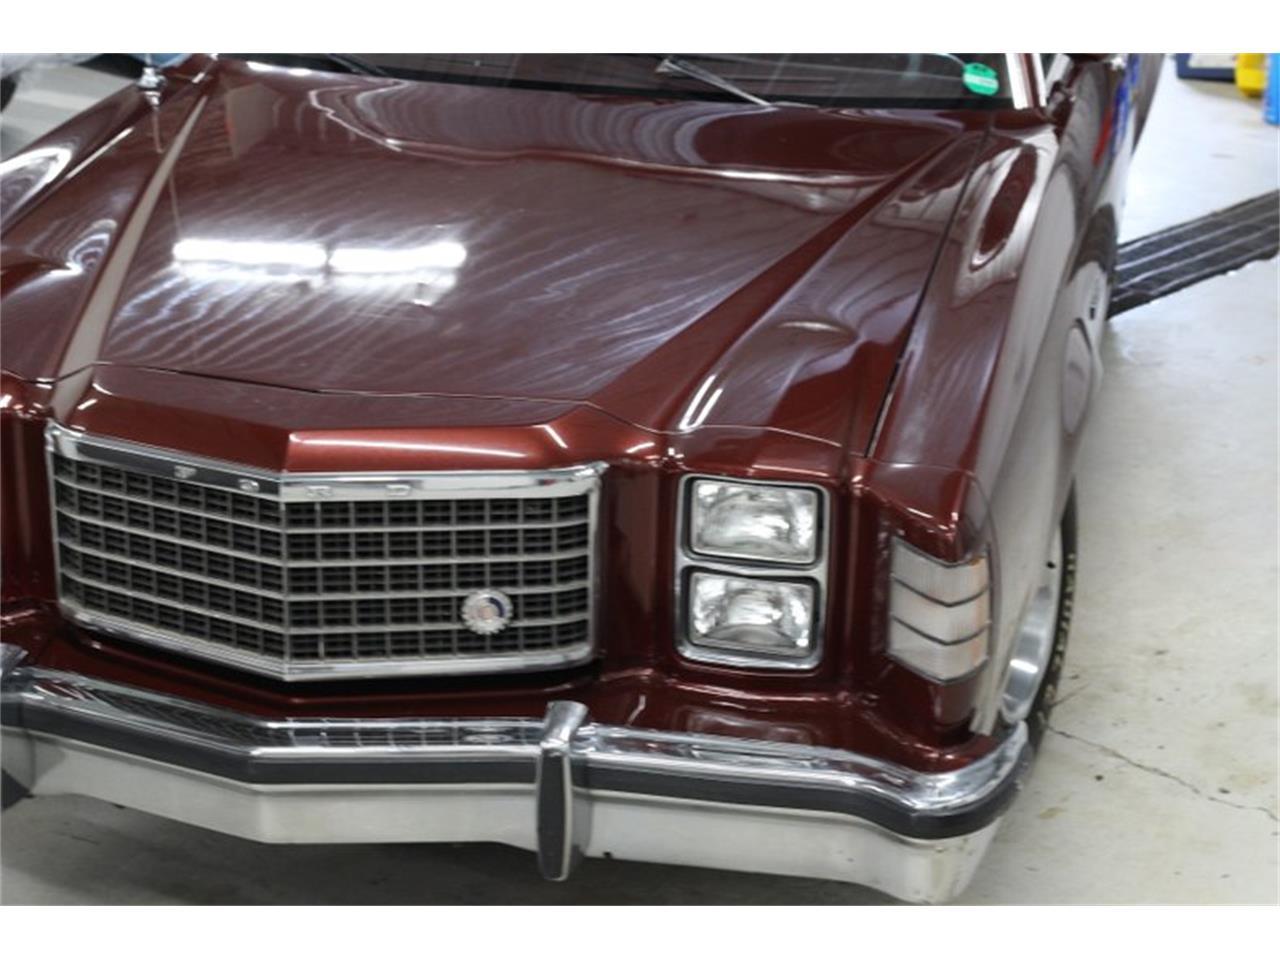 For Sale: 1979 Ford Ranchero in Vernal, Utah